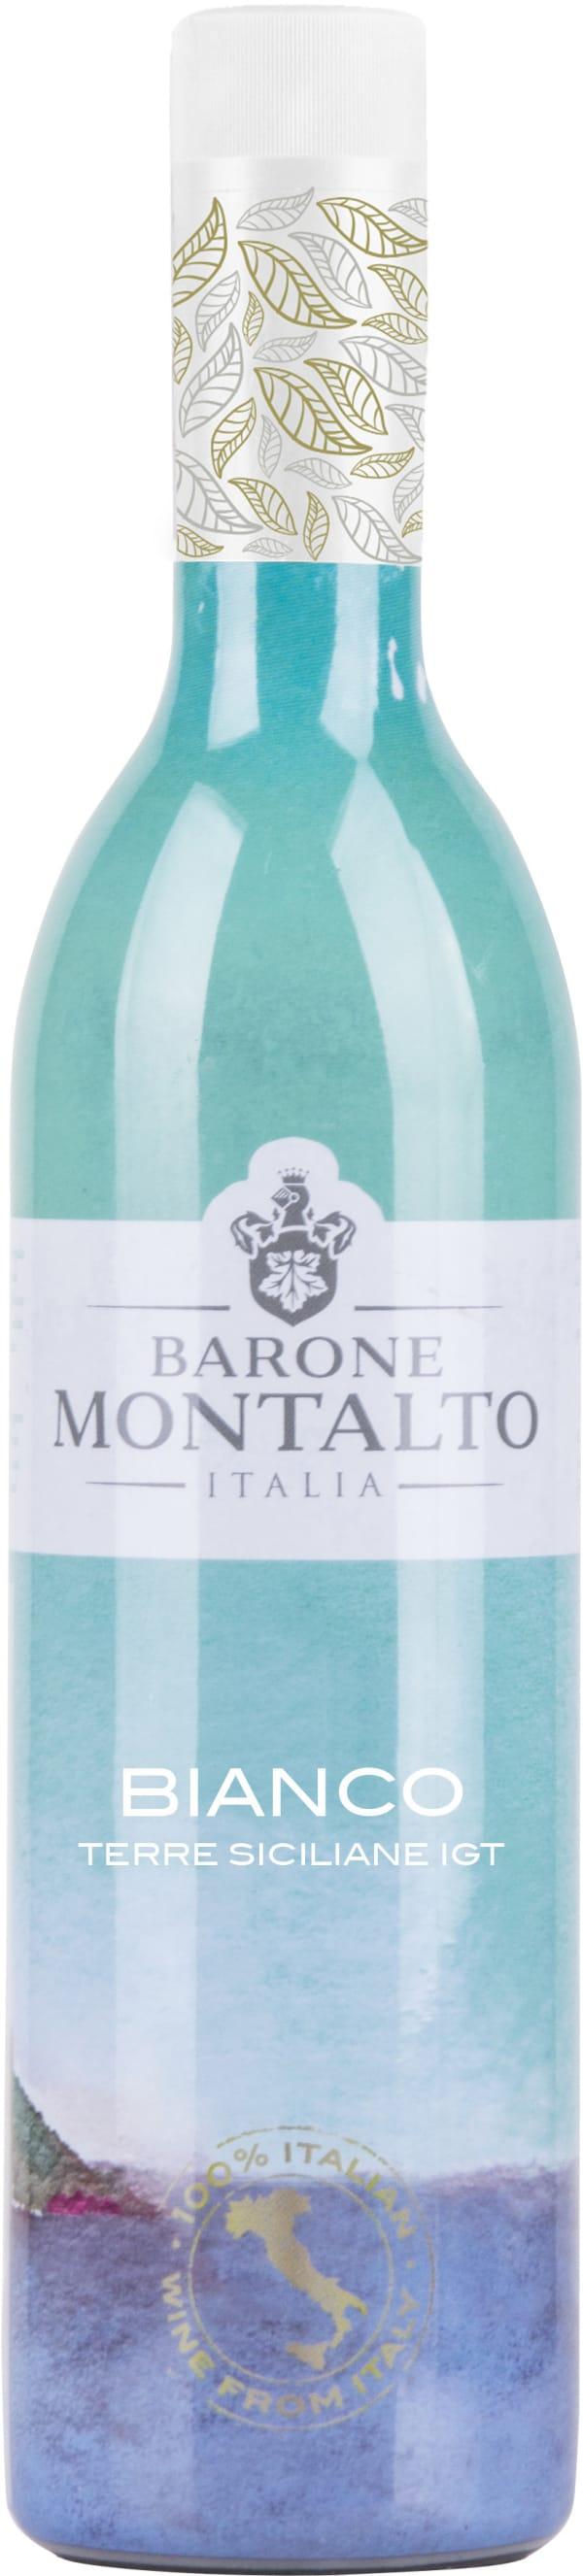 Montalto Grillo Sauvignon Blanc  2016 muovipullo